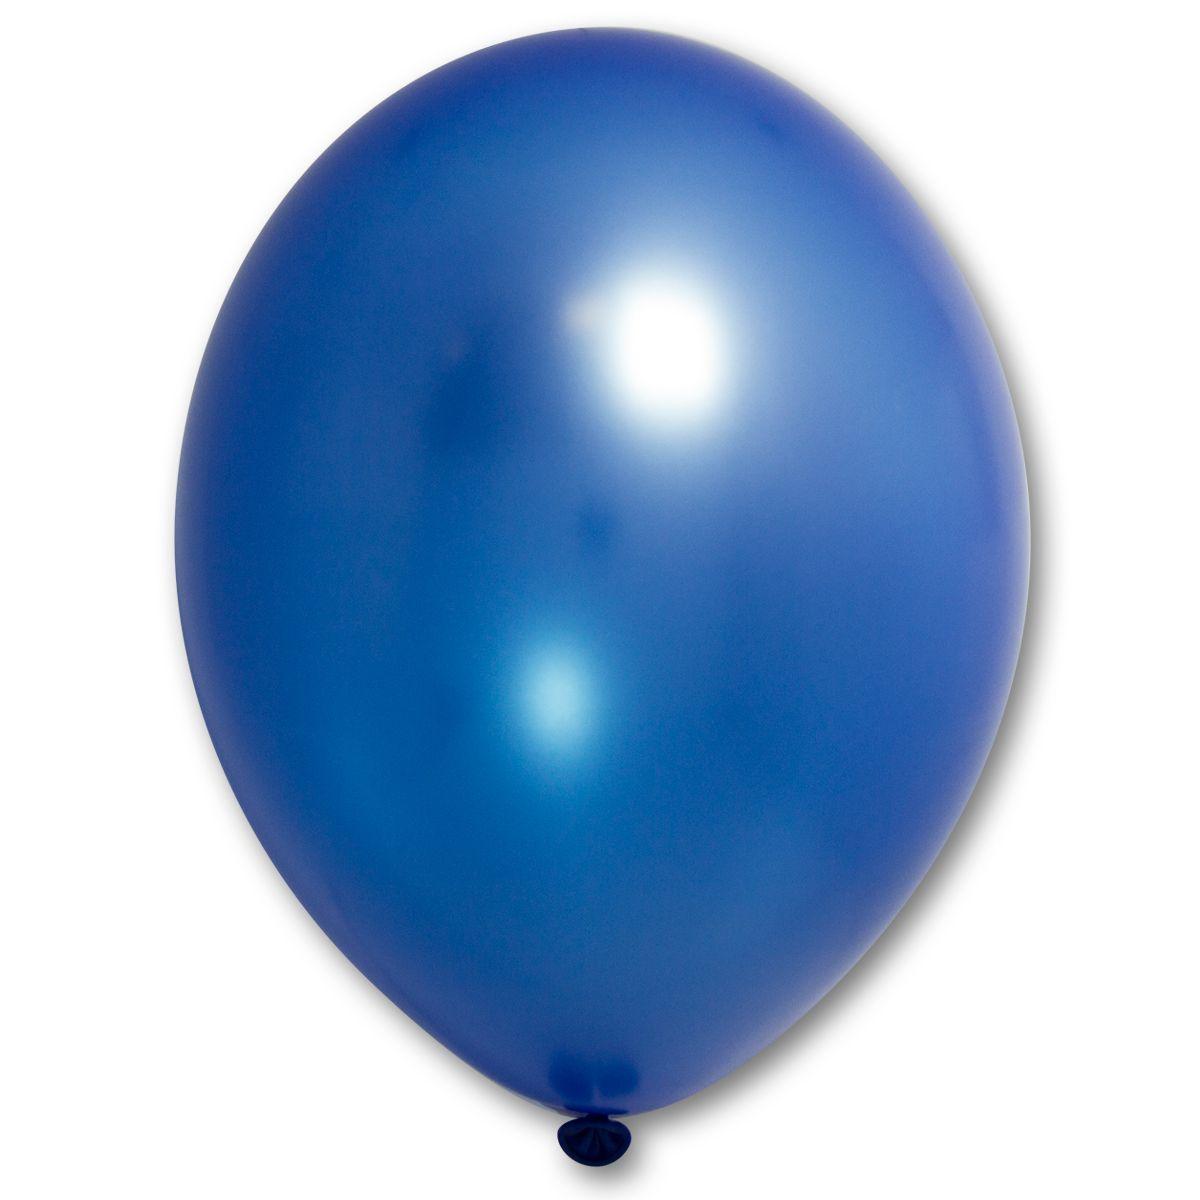 """Кулька 12""""/30 синій 065 латекс металік ТМ """"Belbal"""" однотонний шт."""